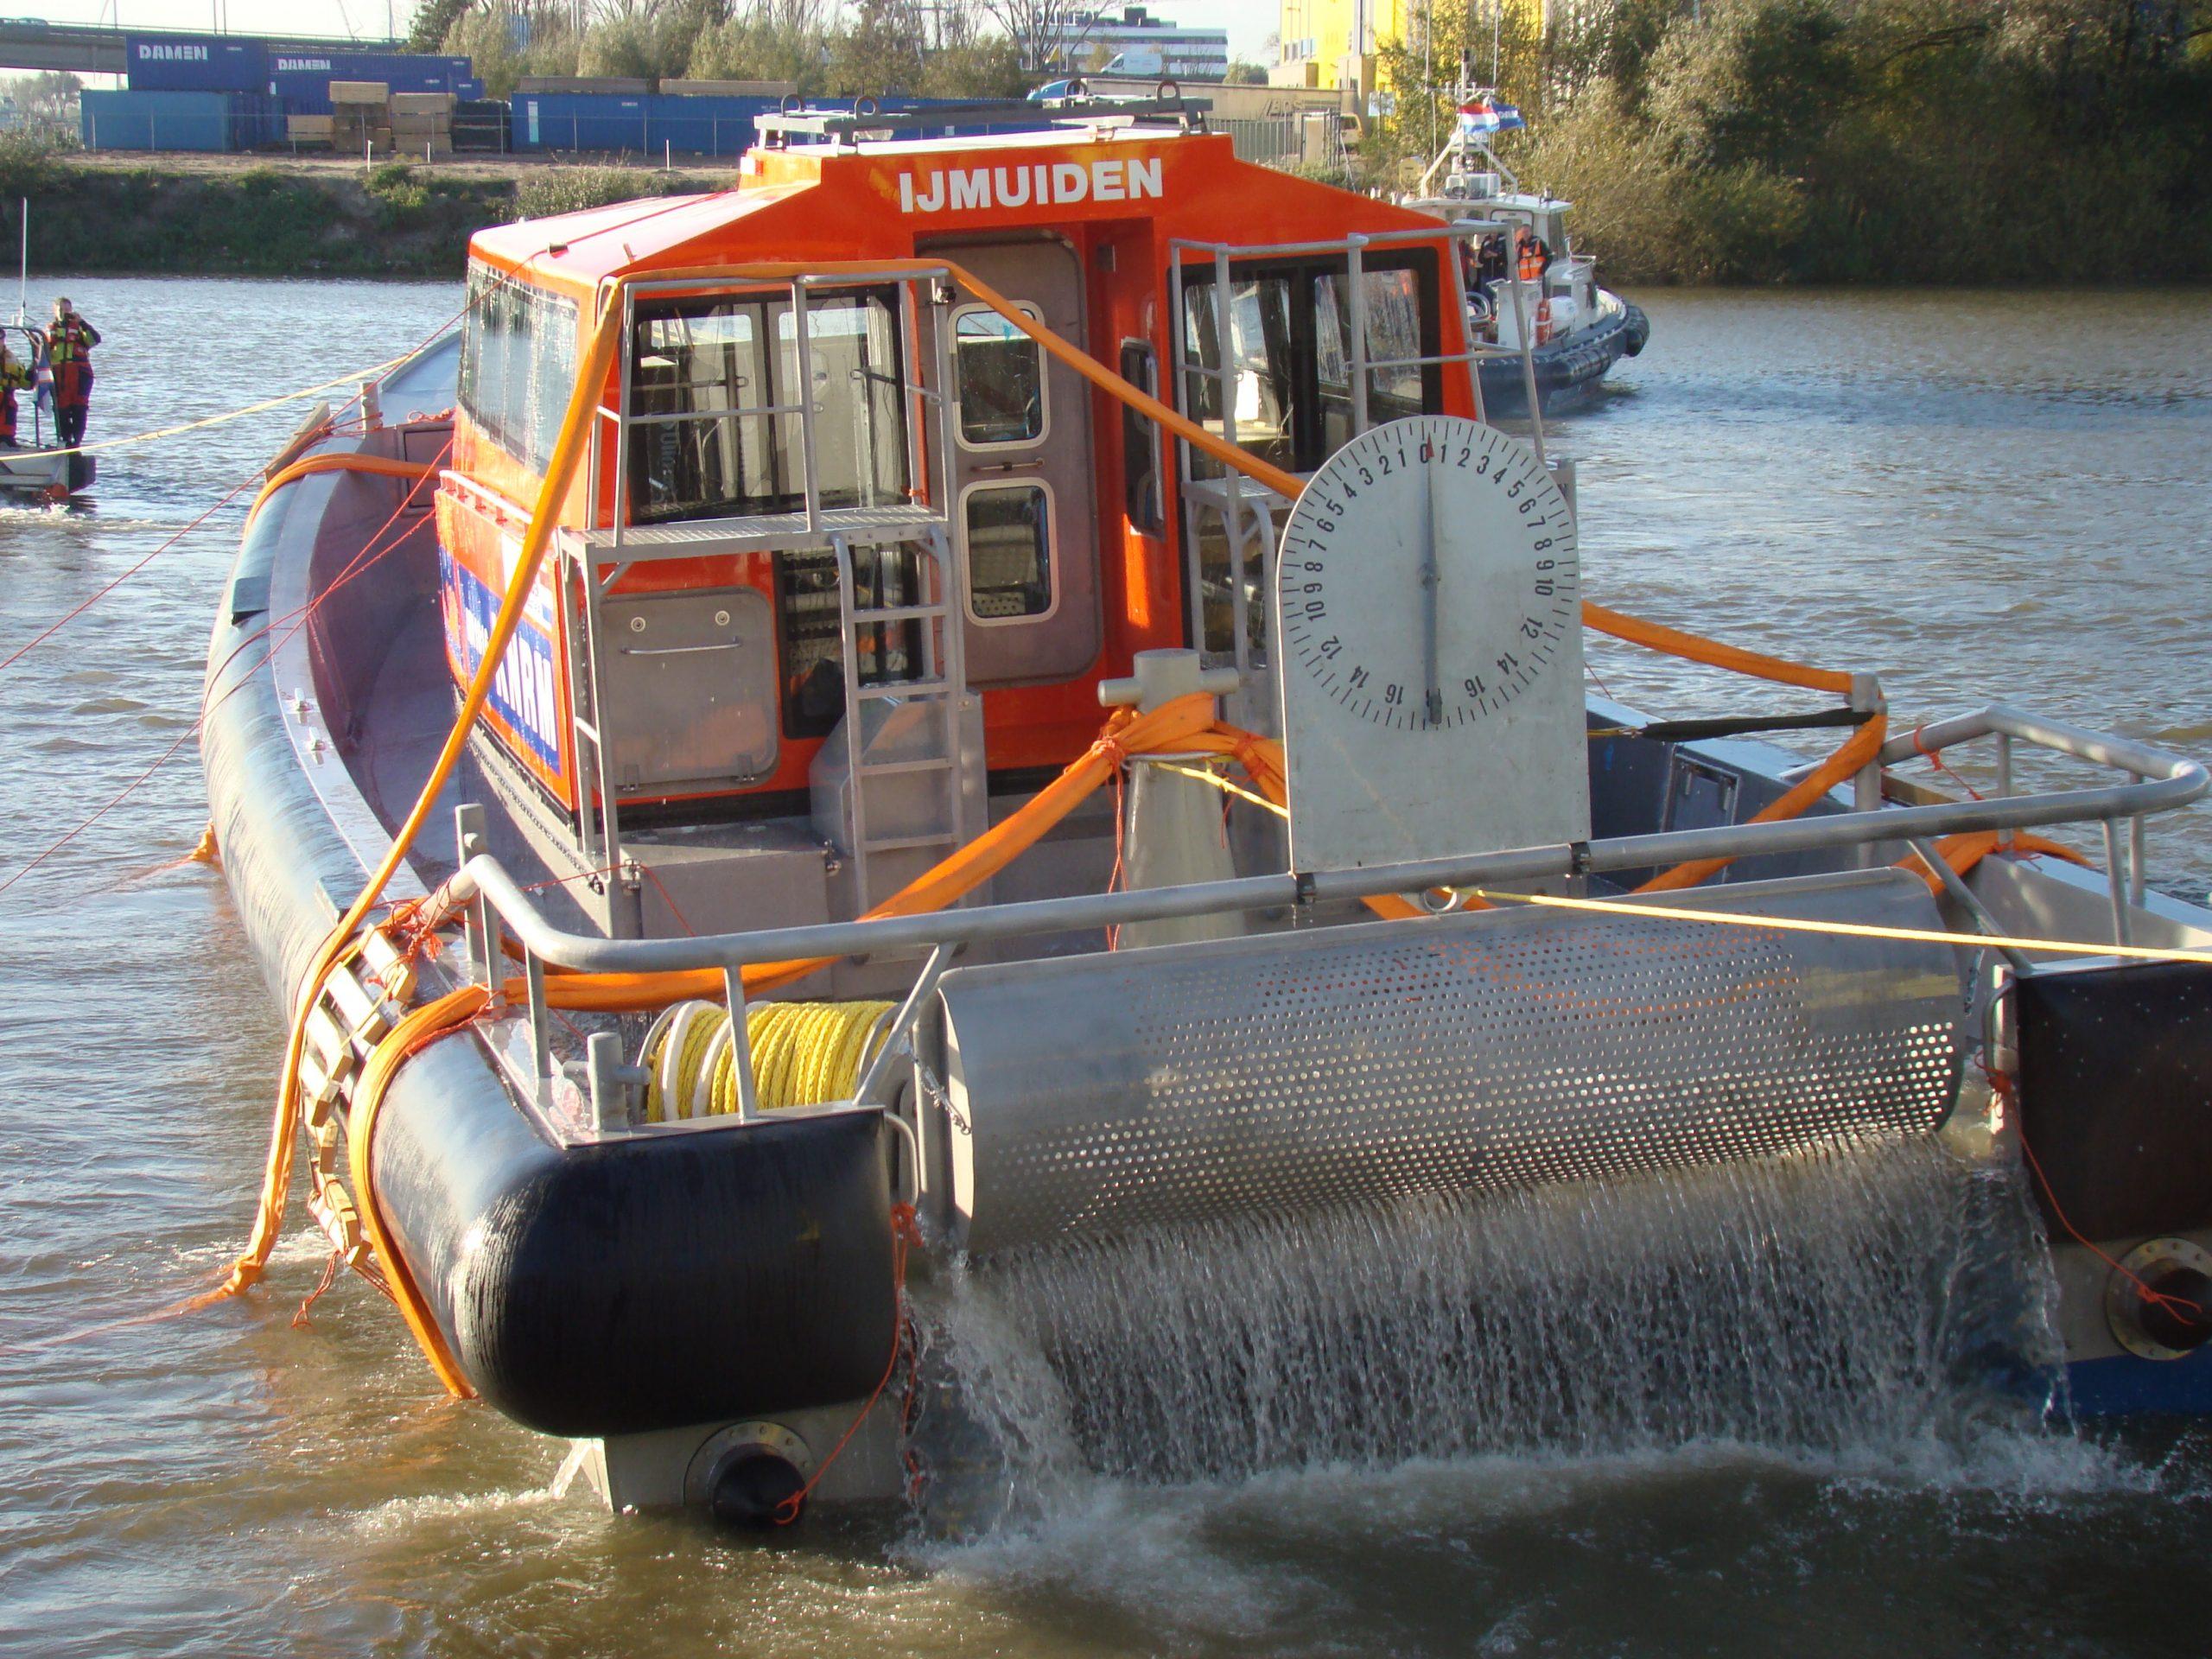 De Nh1816 krijgt een aangepast ontwerp: de Nh1816-2. Hier komt de IJmuider boot in oktober 2013 net terug uit haar kantelproef. Foto: Sander Klos